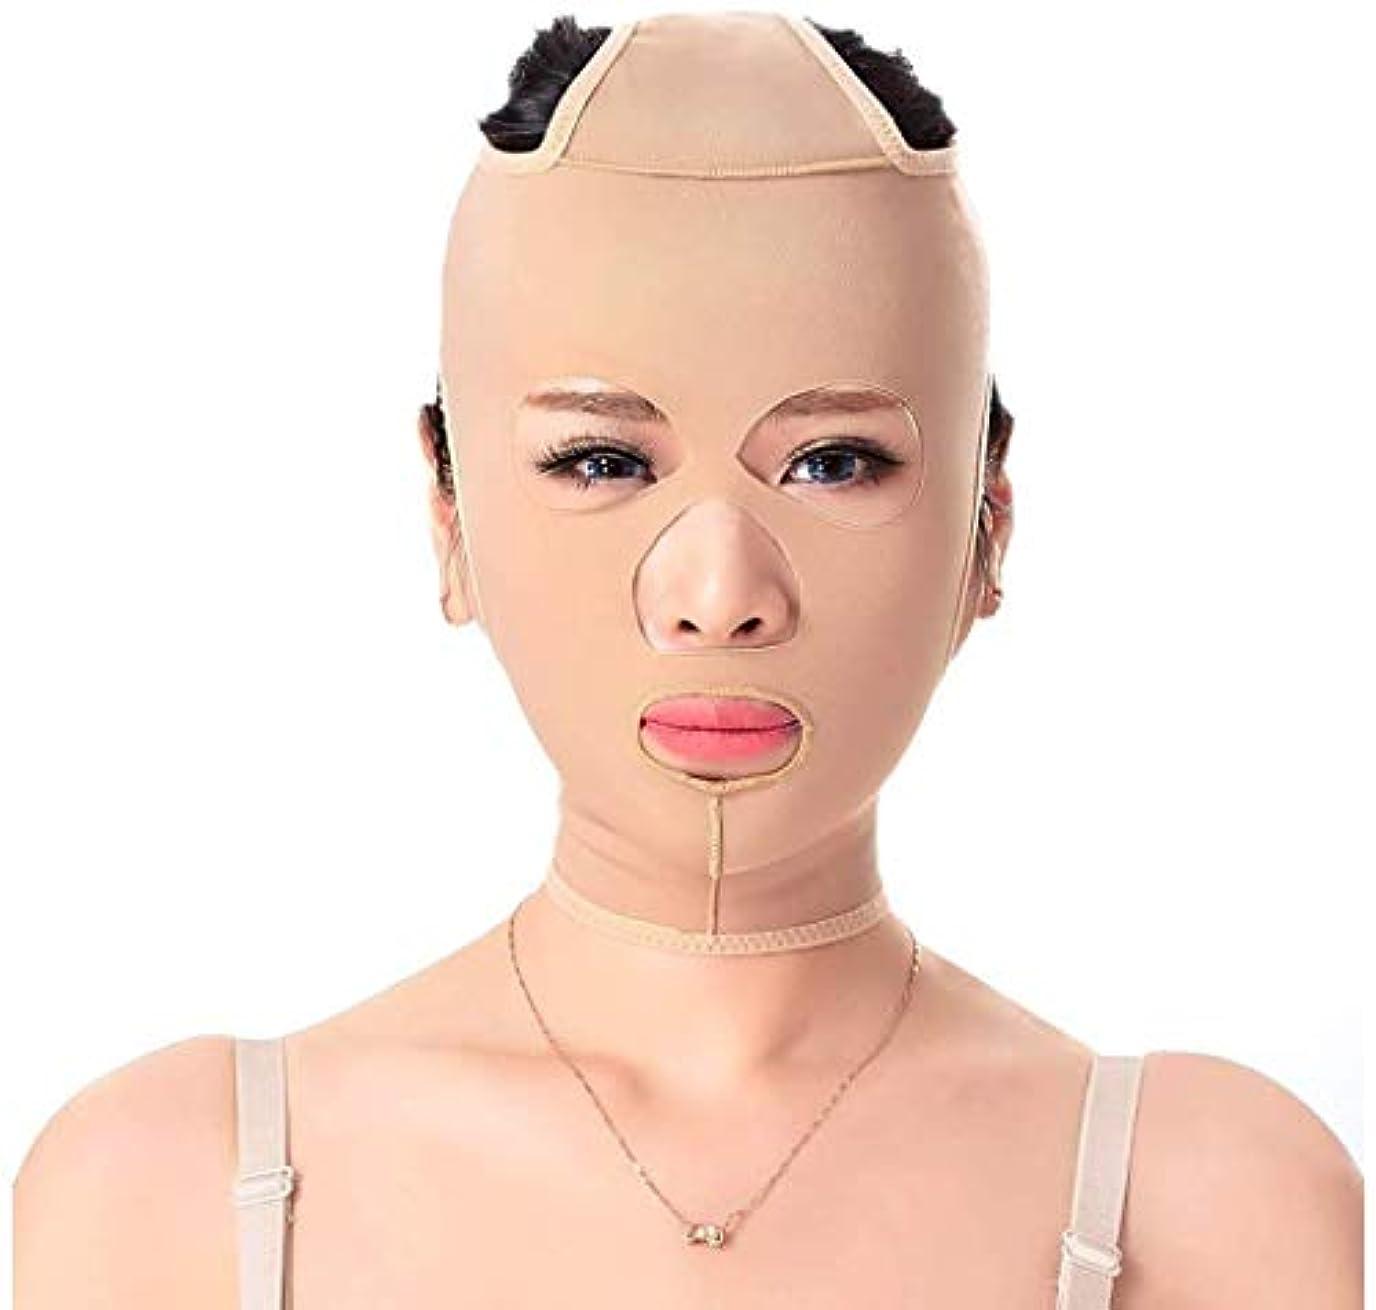 対応する素晴らしさ消費美と実用的なSlim身ベルト、フェイシャルマスク薄い布マスクを決定するパターンを持ち上げる二重あご引き締めフェイシャルプラスチック顔アーティファクト強力な顔包帯(サイズ:Xl)